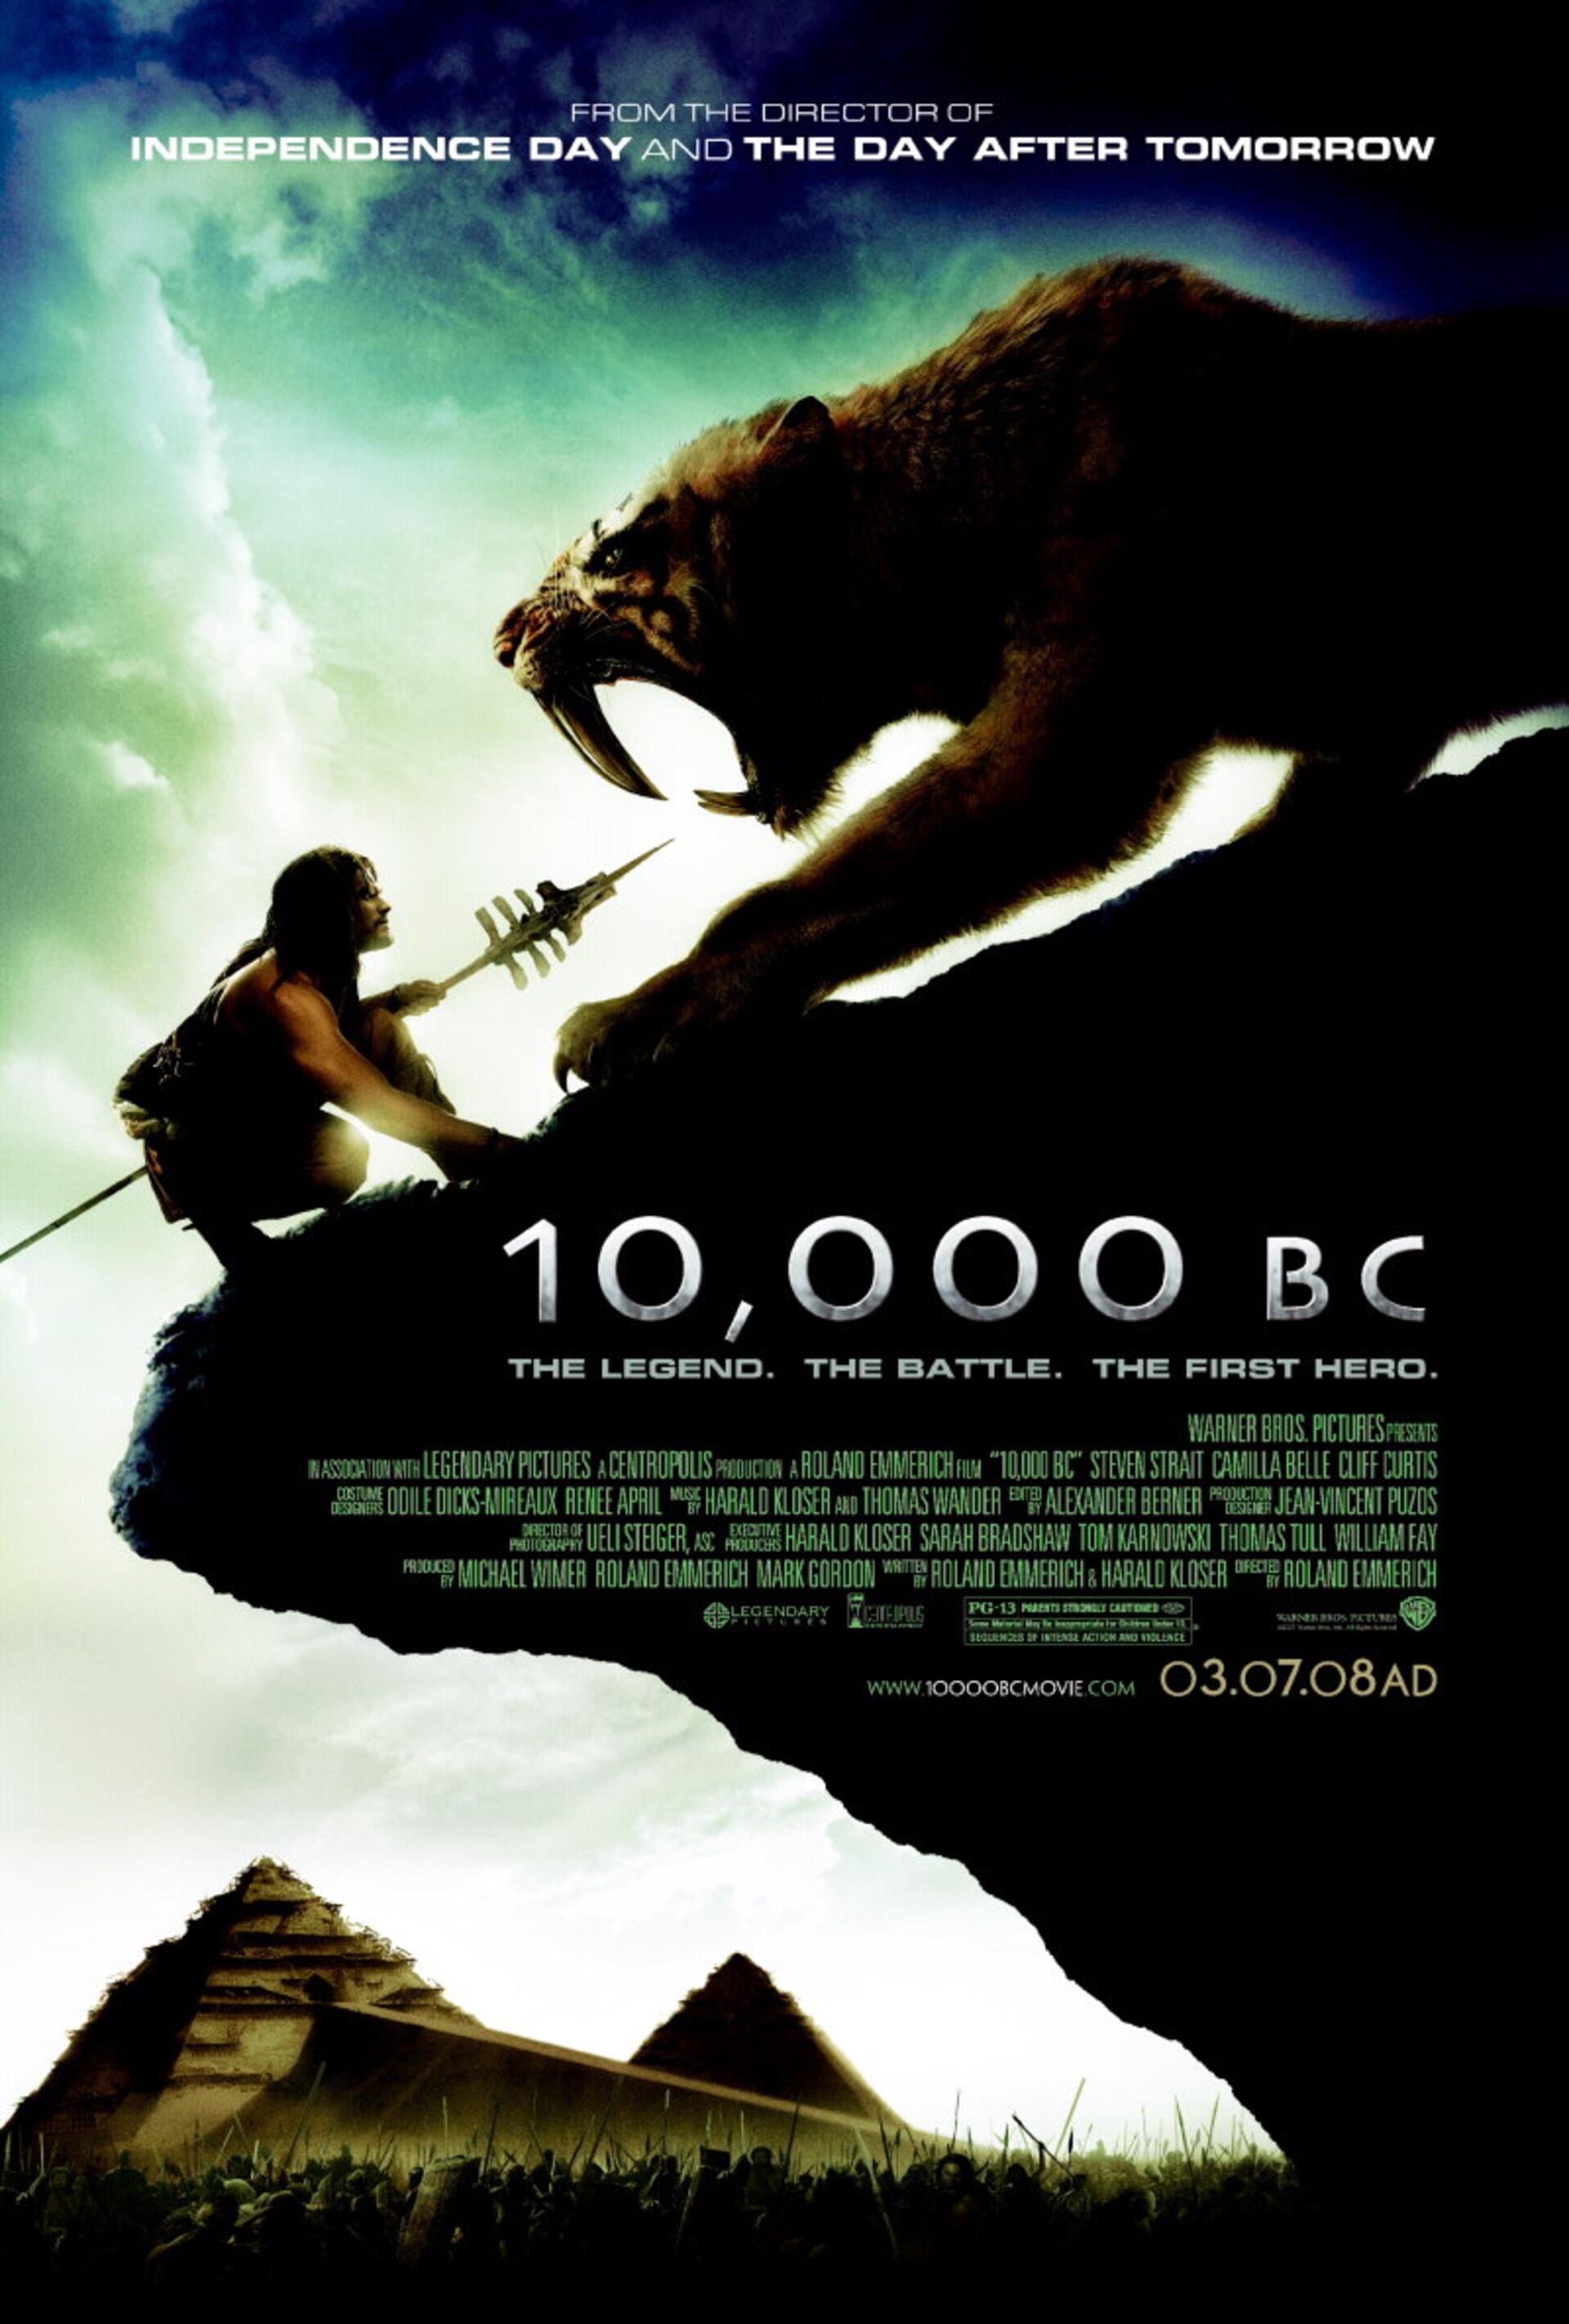 10,000 BC - Poster 1